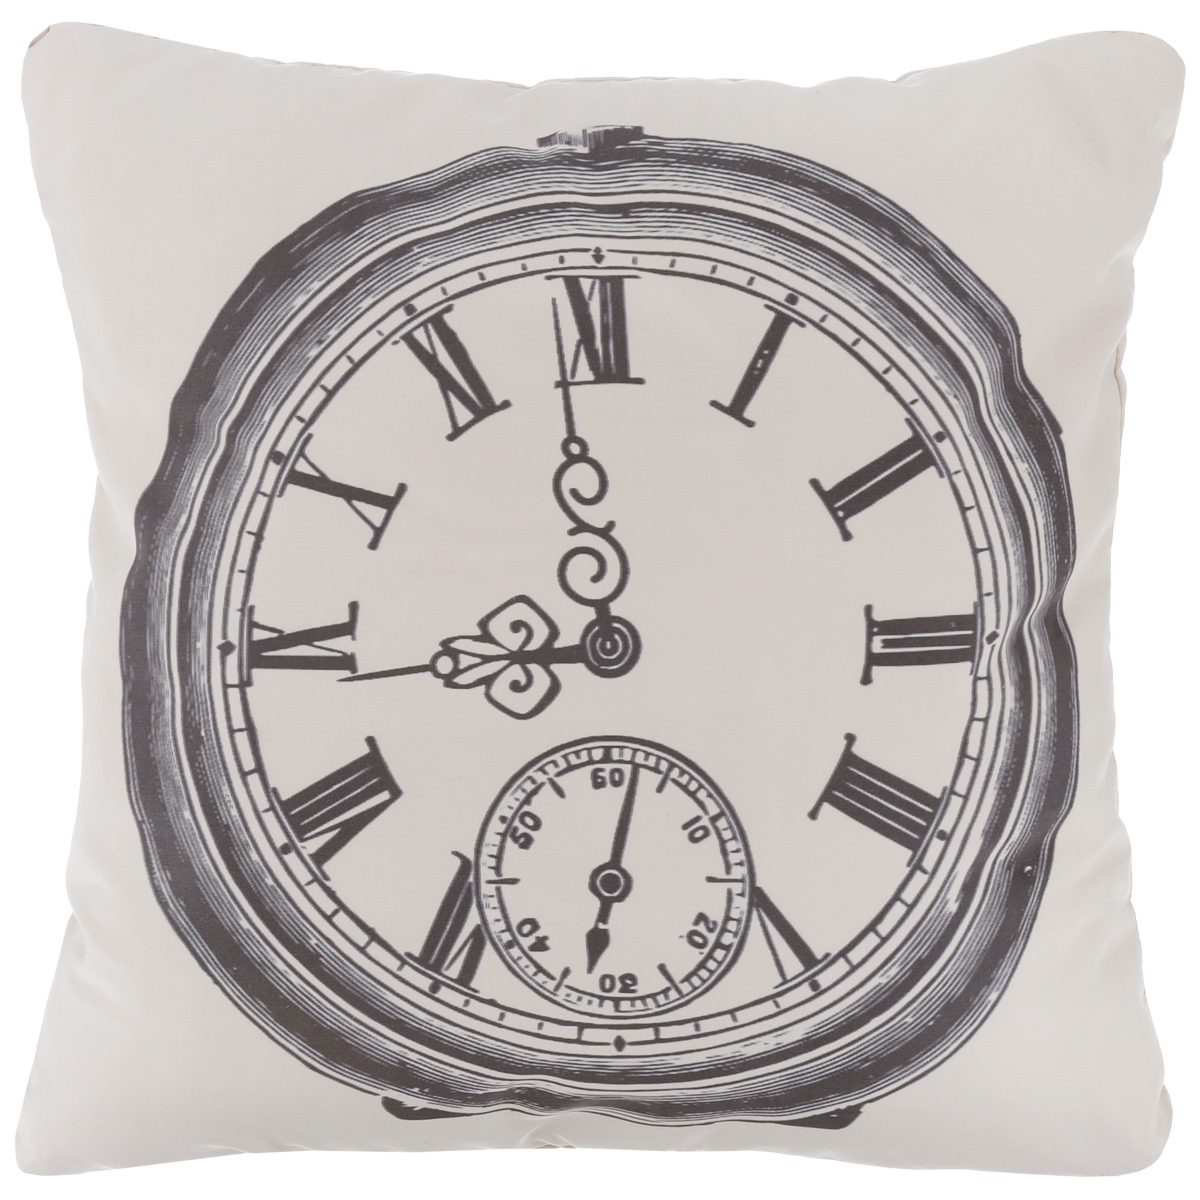 Подушка декоративная Proffi Старинные часы, цвет: белый, черный, 43 х 43 см531-105Декоративная подушка Proffi Старинные часы - это яркое украшение вашего дома. Чехол выполнен из приятного на ощупь полиэстера и застегивается на молнию. Внутри - мягкий наполнитель, изготовленный из шариков холлофайбера.Лицевая сторона подушки украшена ярким изображением, задняя сторона - однотонная. Стильная и яркая подушка эффектно украсит интерьер и добавит в привычную обстановку изысканность и роскошь.